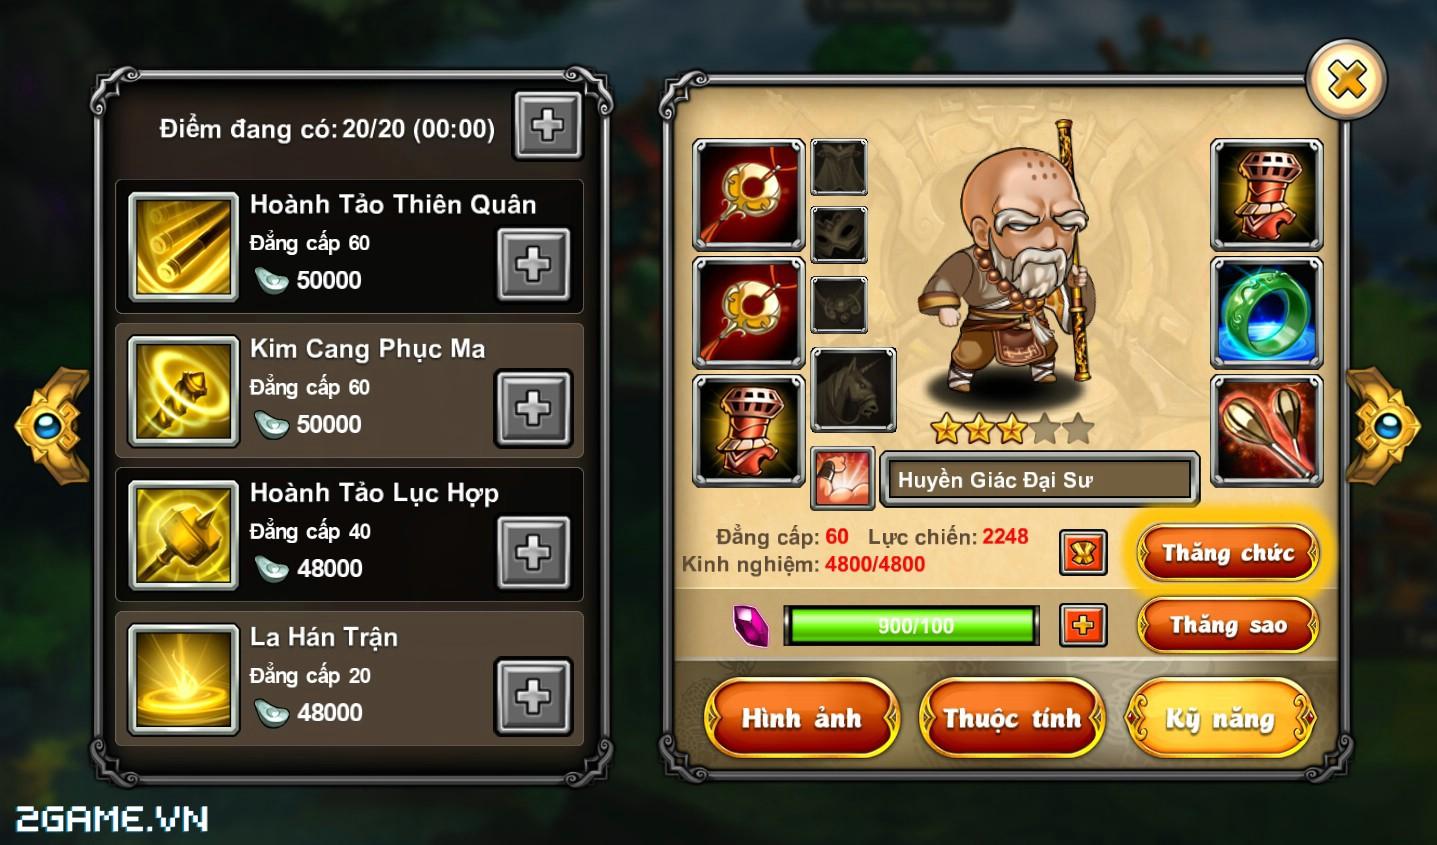 Tân Võ Lâm kế thừa và đổi mới từ VLTK như nào?! 6